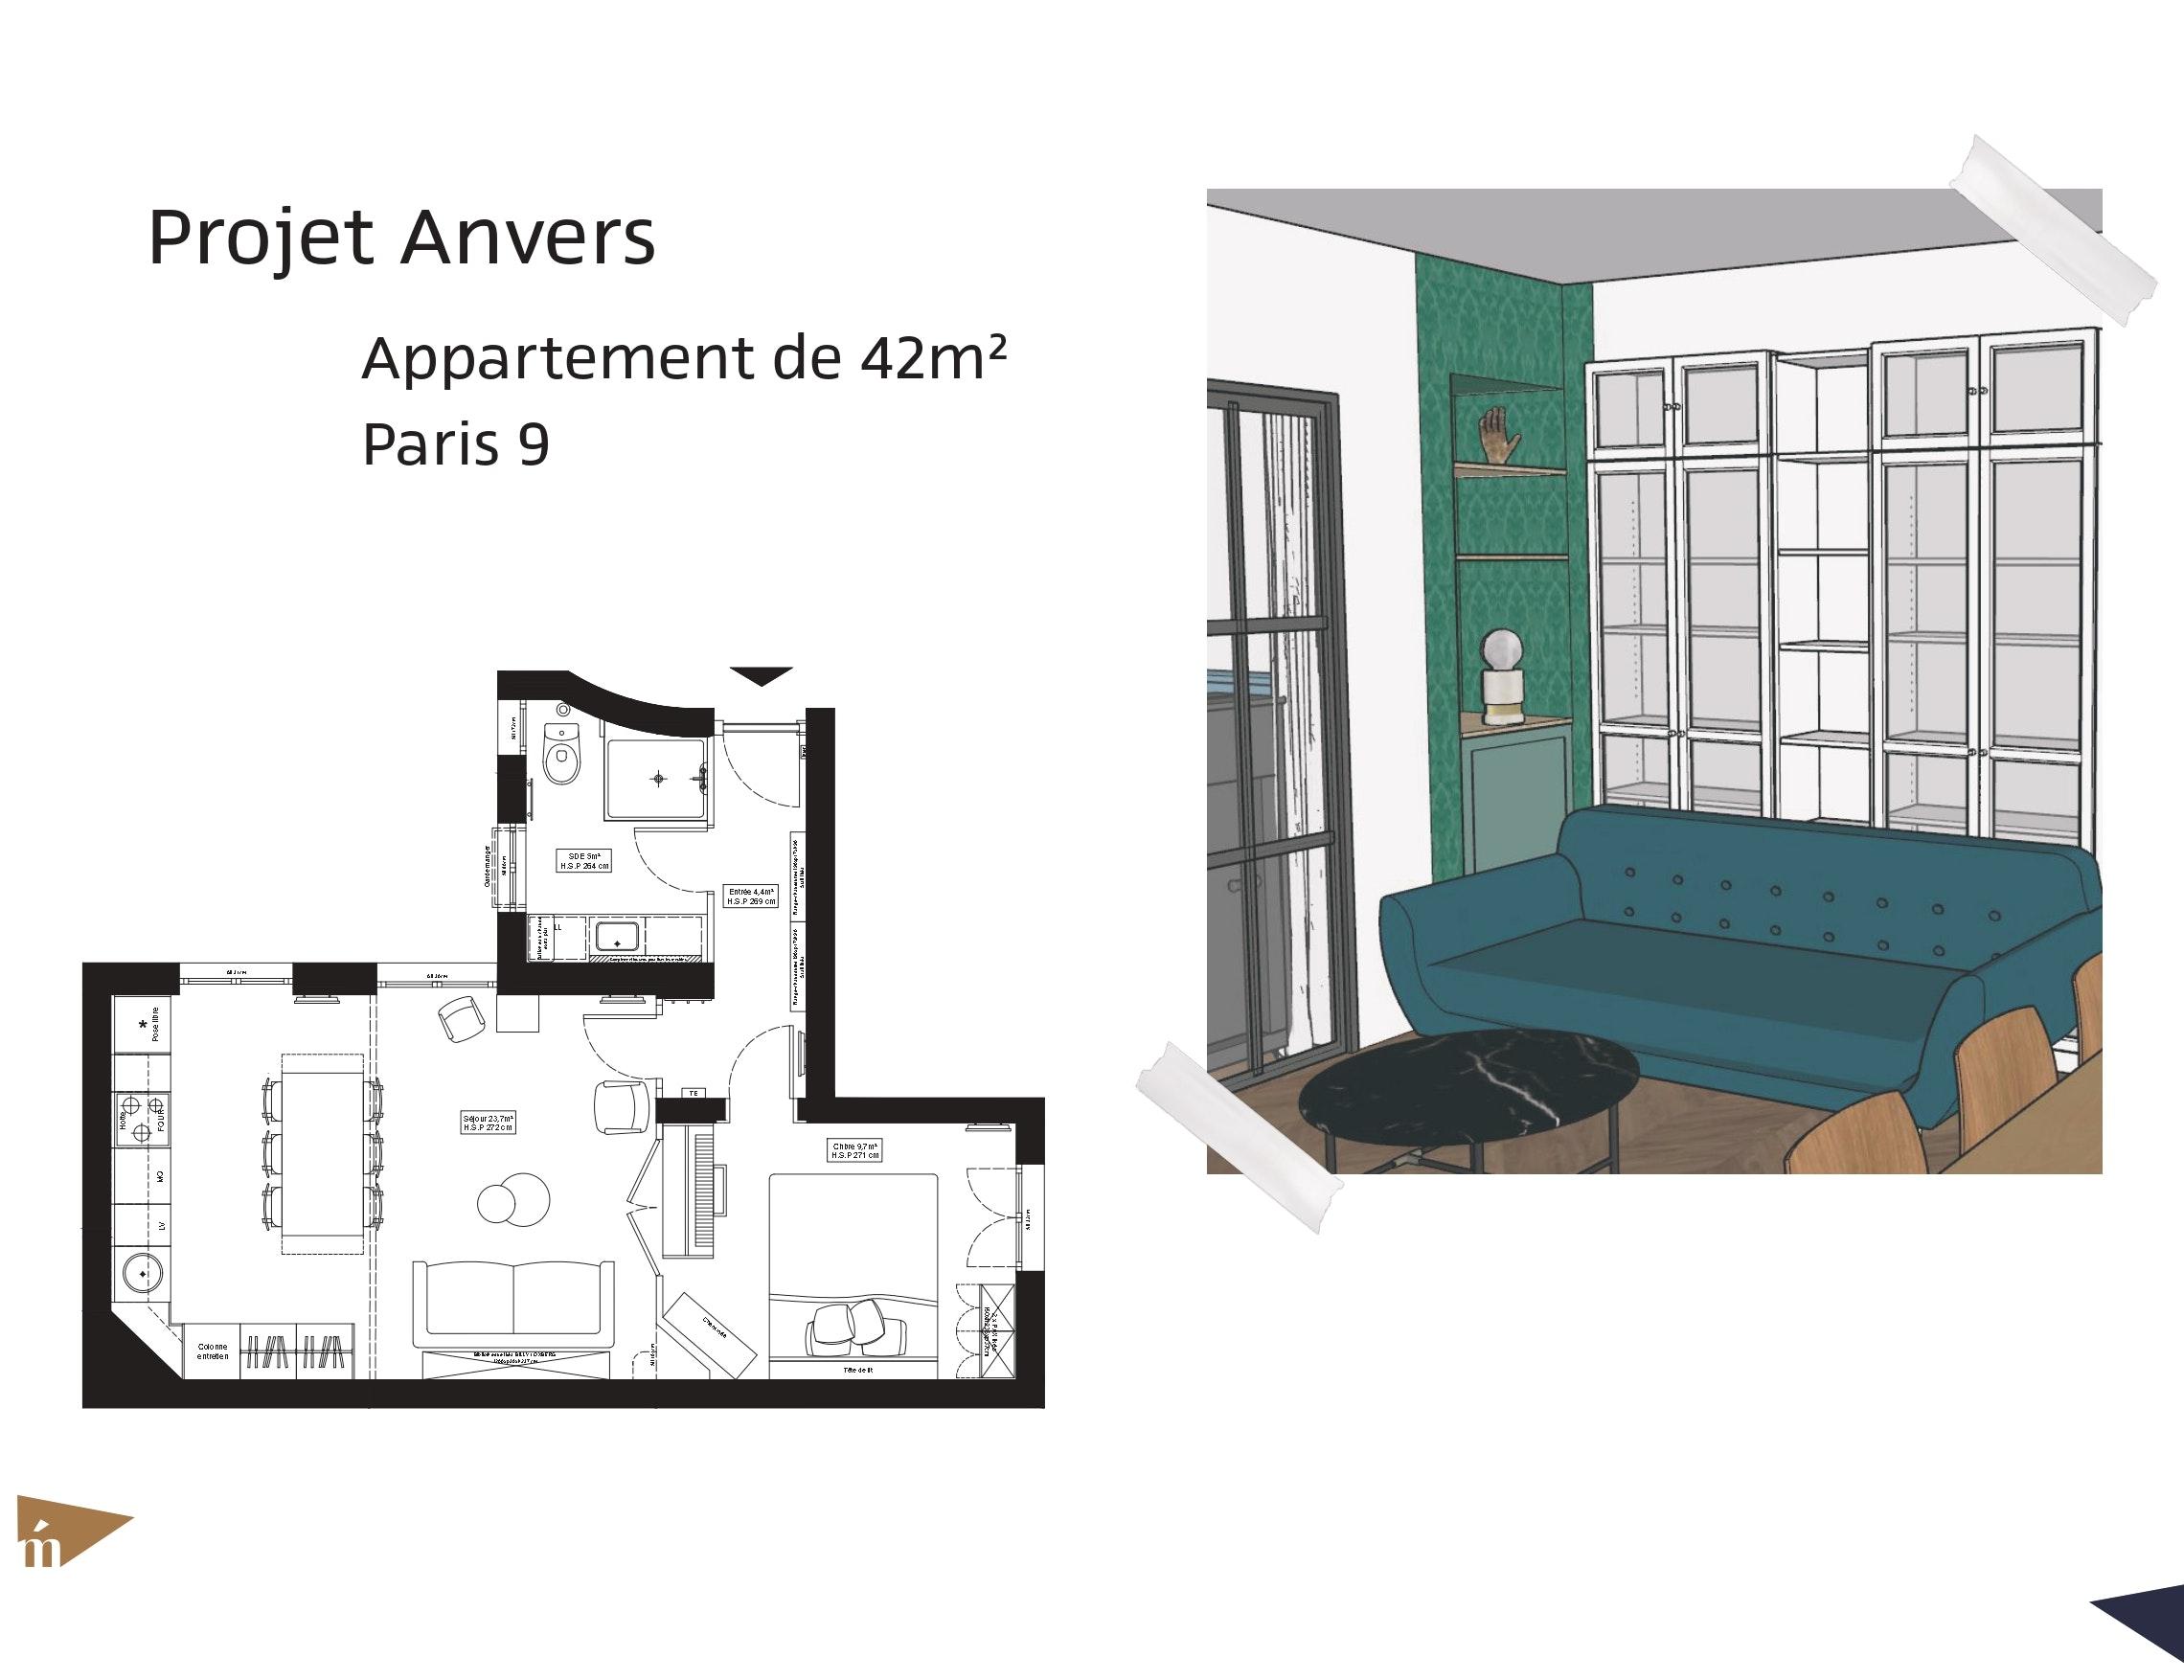 photo Projet Anvers - 42m² - Paris Léa Mast - Architecte hemea